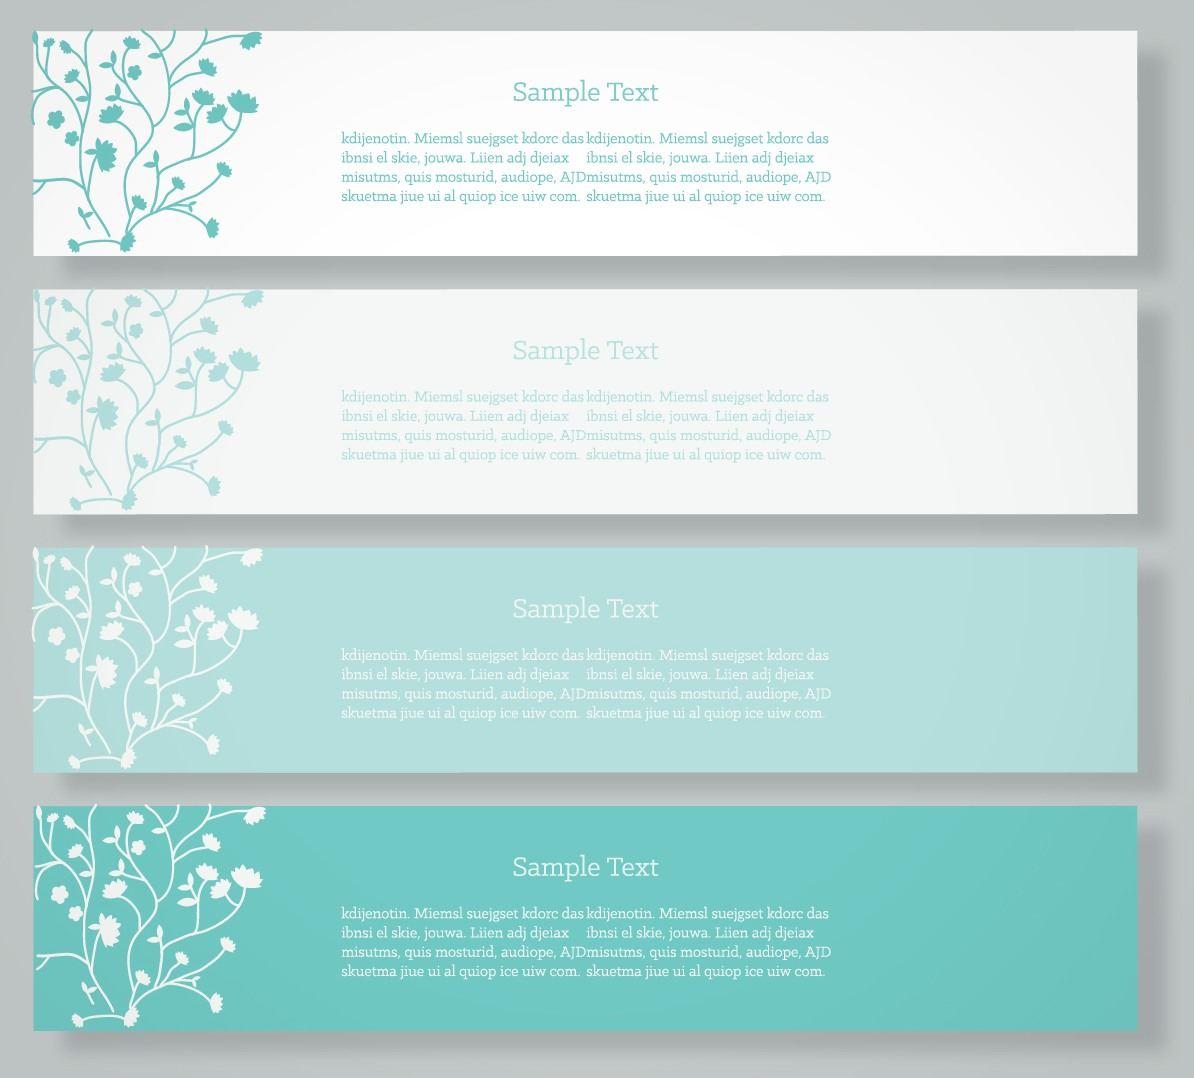 Design banner free download - Banner03